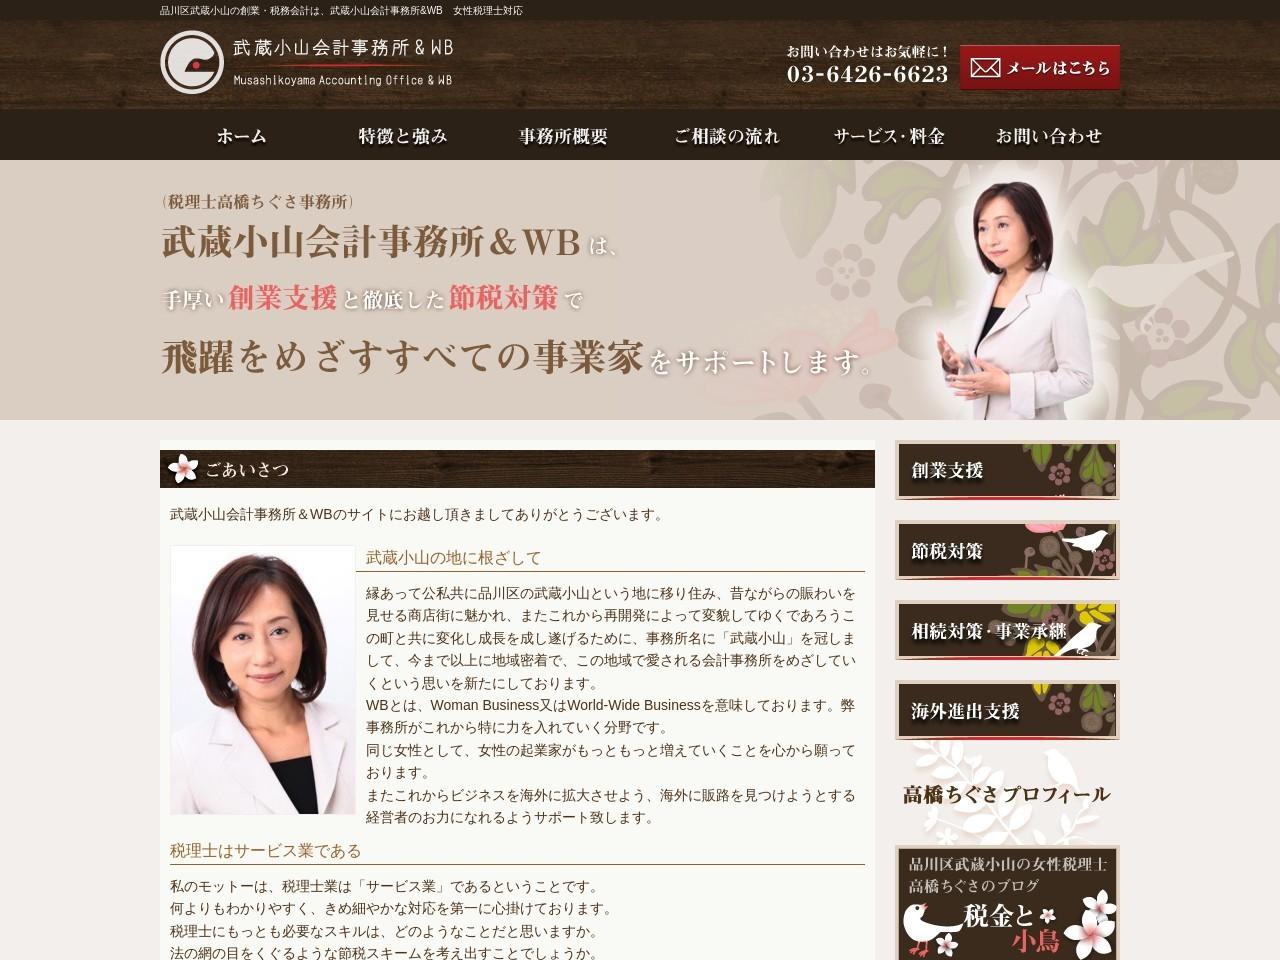 武蔵小山会計事務所&WB